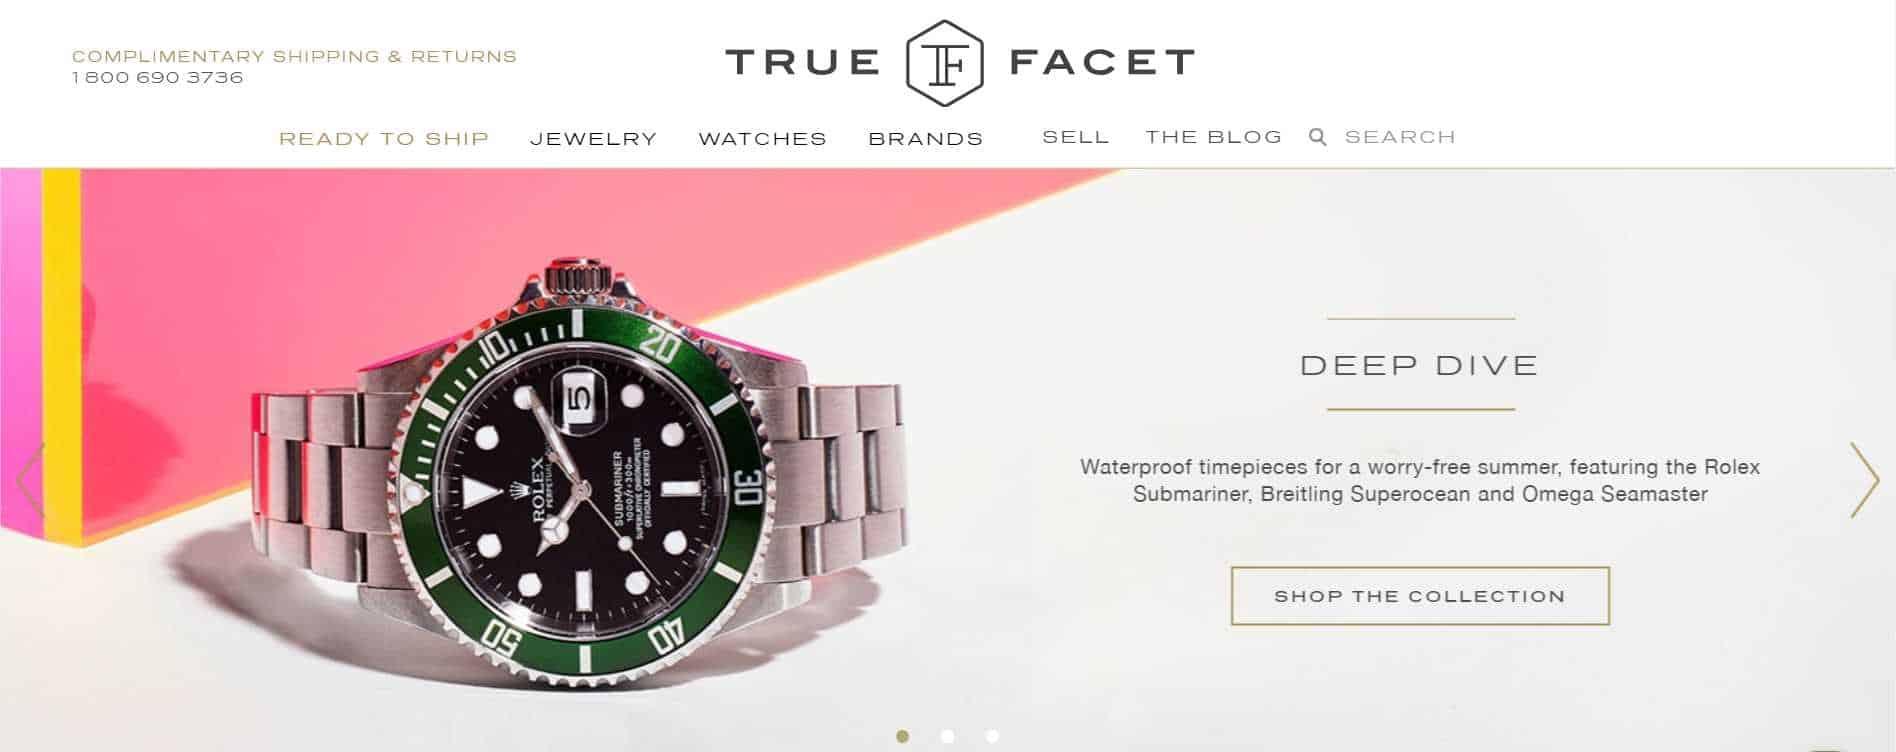 truefacet luxury watches online